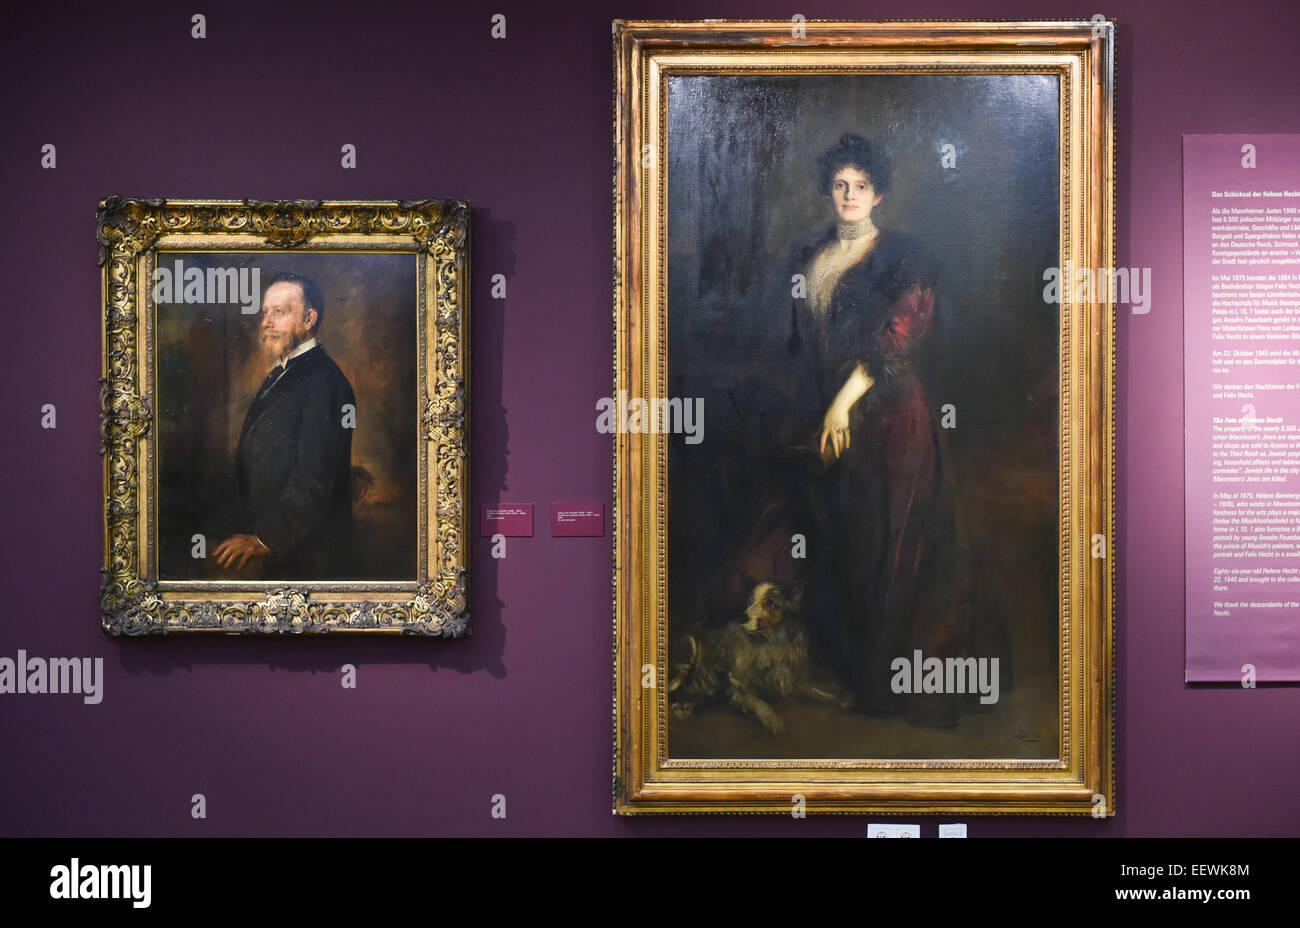 Mannheim, Germania. Il 22 gennaio, 2015. I due dipinti da Franz von Lenbach appendere al Reiss Engelhorn musei a Immagini Stock